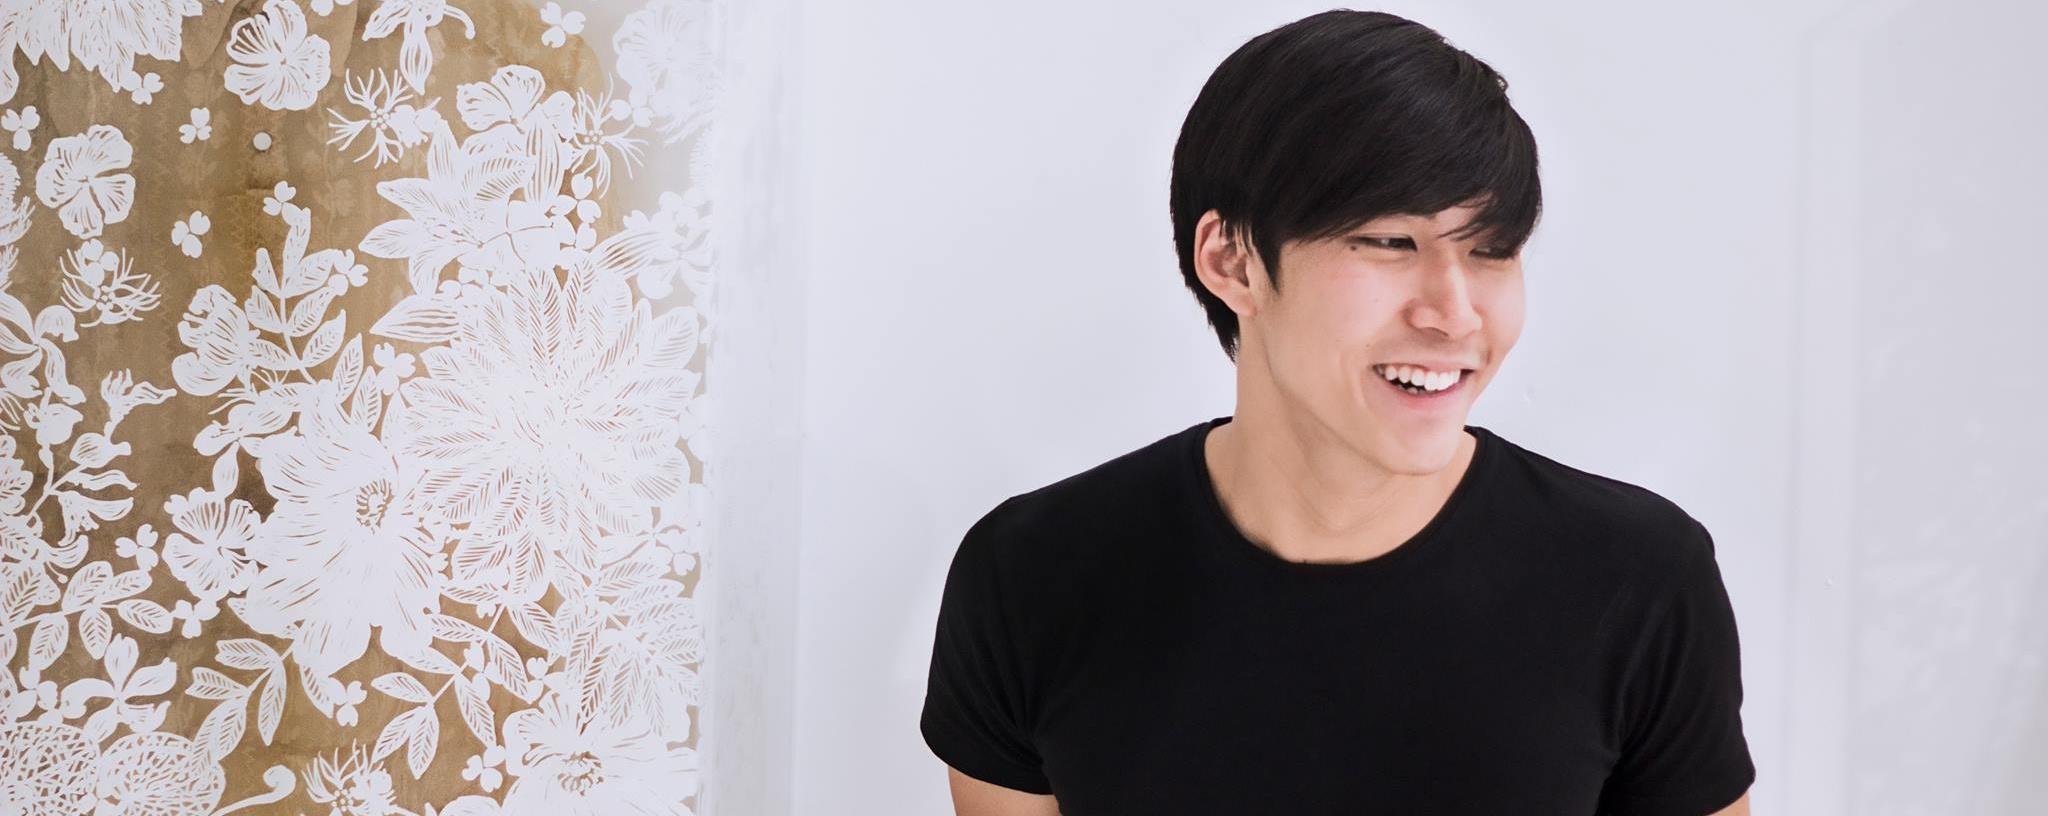 Esplanade Presents: Keith Soo-Tho